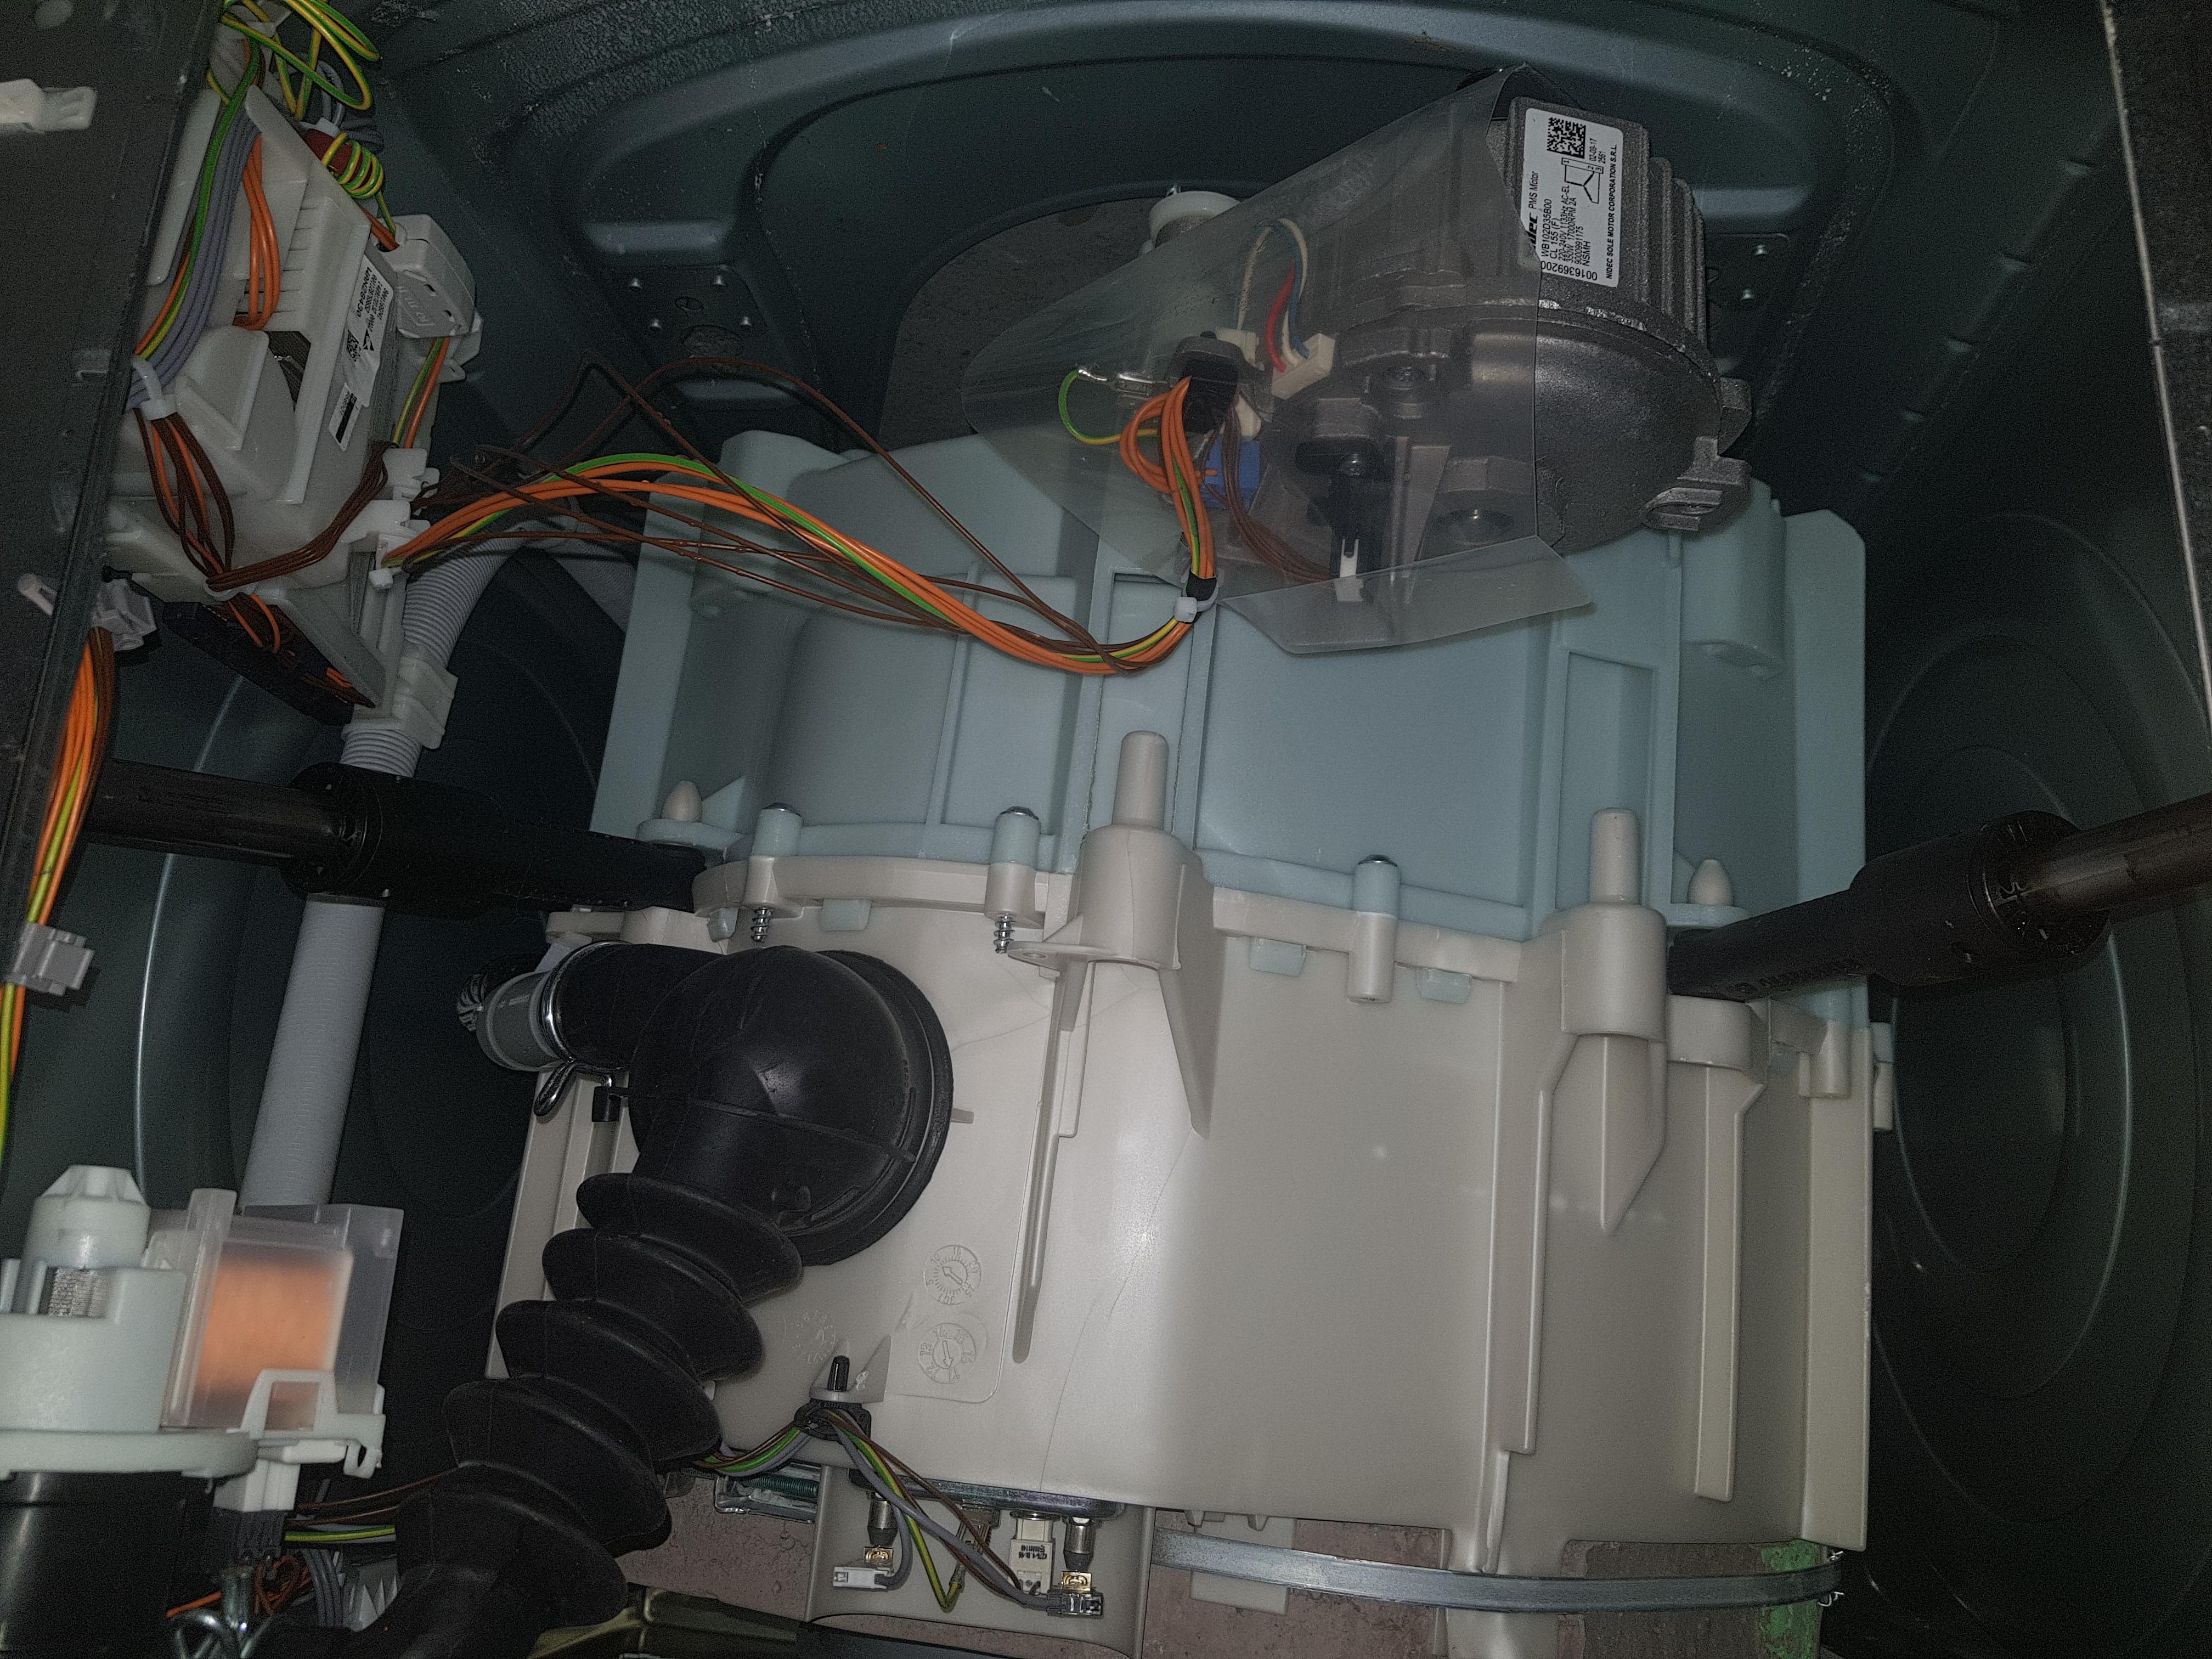 Waschmaschine gegenstand zwischen trommel